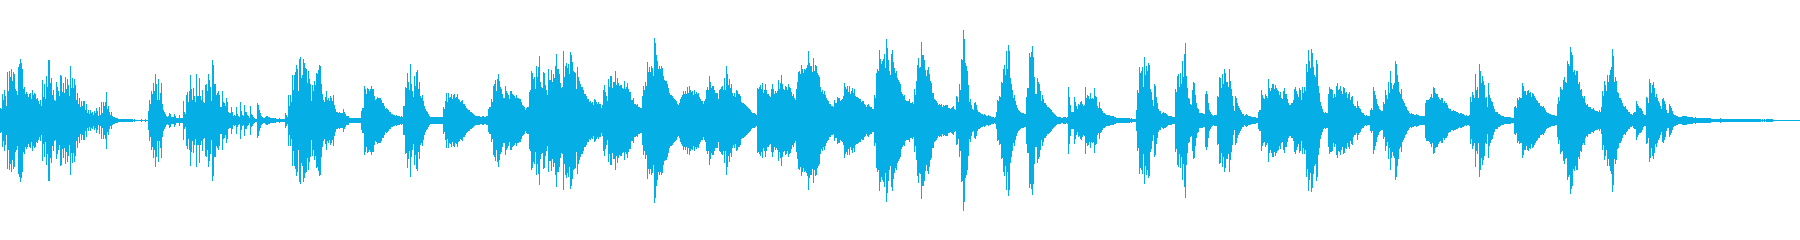 怪談/静かな和風曲20-ピアノソロの再生済みの波形